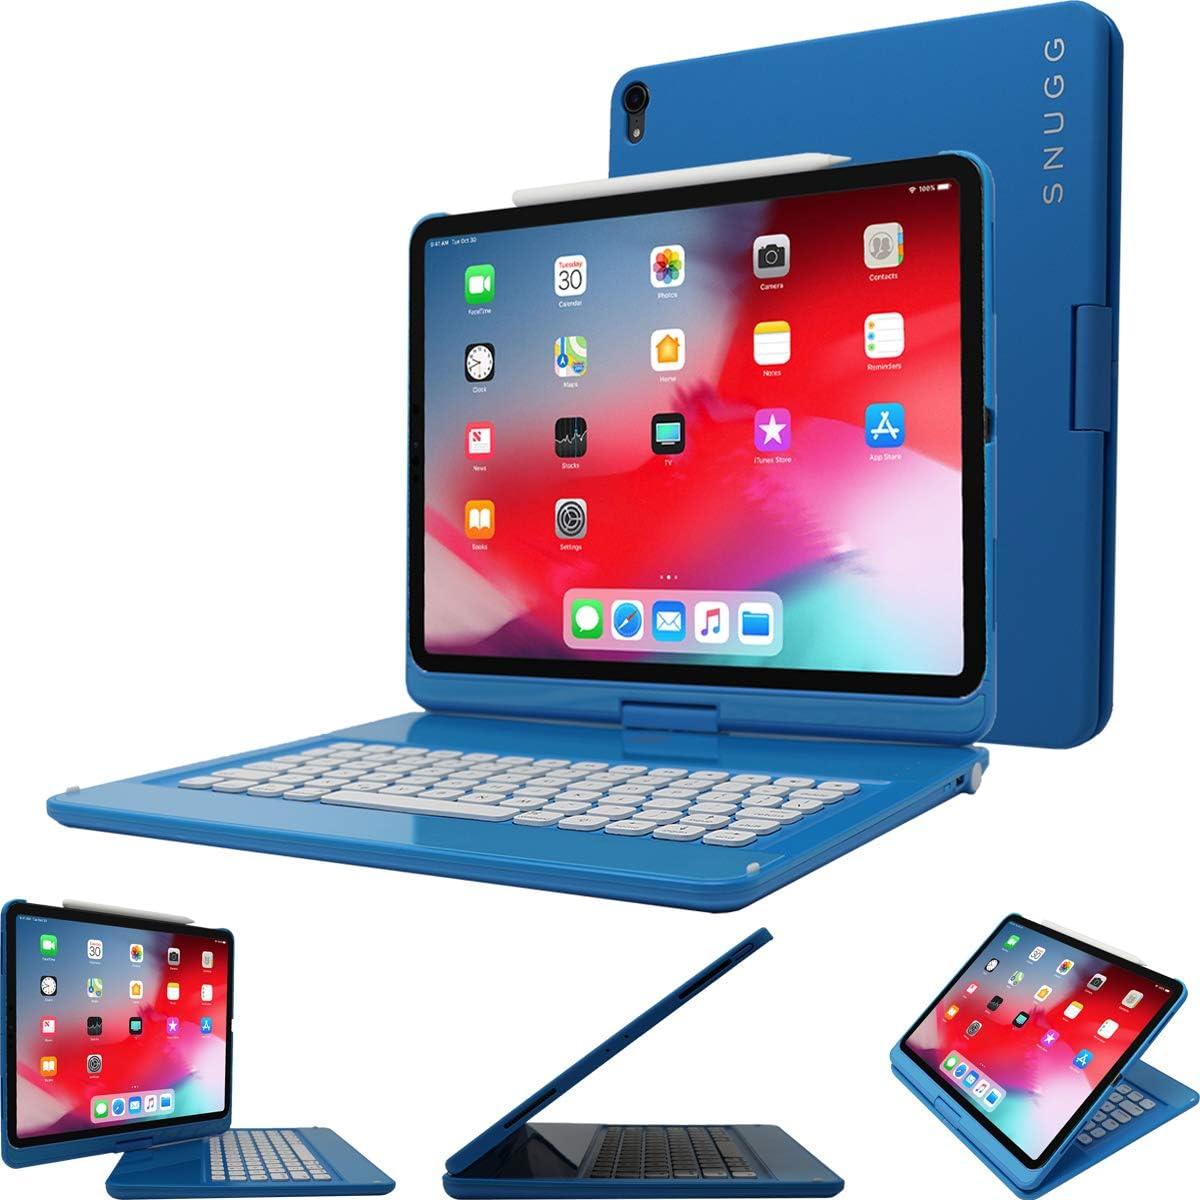 Snugg Funda con teclado Bluetooth inalámbrico retroiluminado y giratorio de 360 ° para Apple iPad Pro 12,9 pulgadas Azul eléctrico